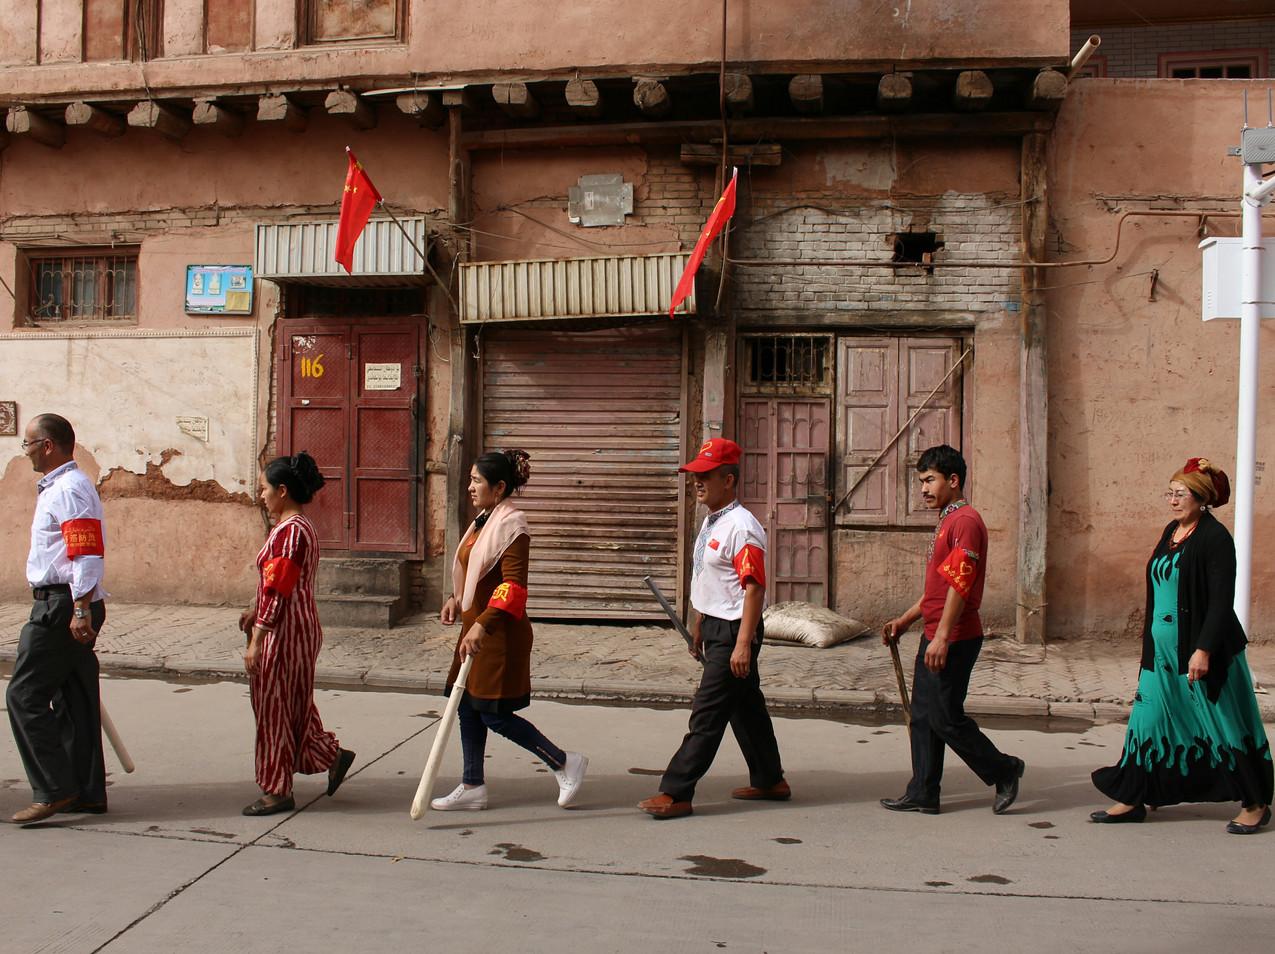 מקומיים עורכים אימונים ברחוב